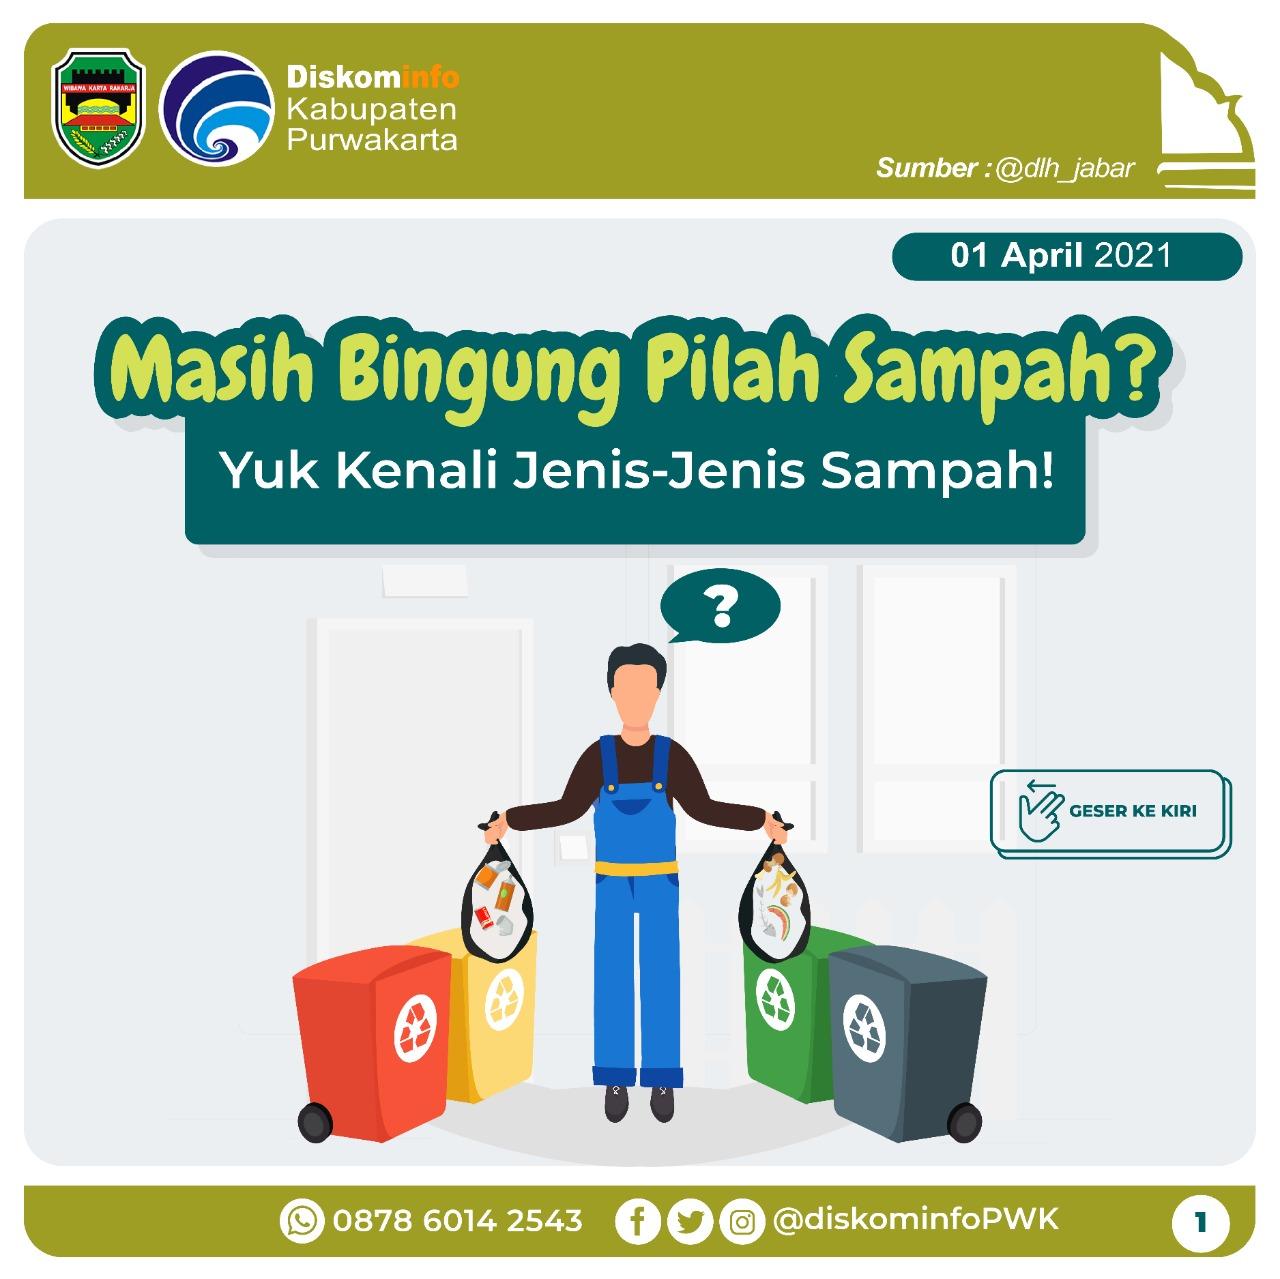 Masih Bingung Pilah Sampah?